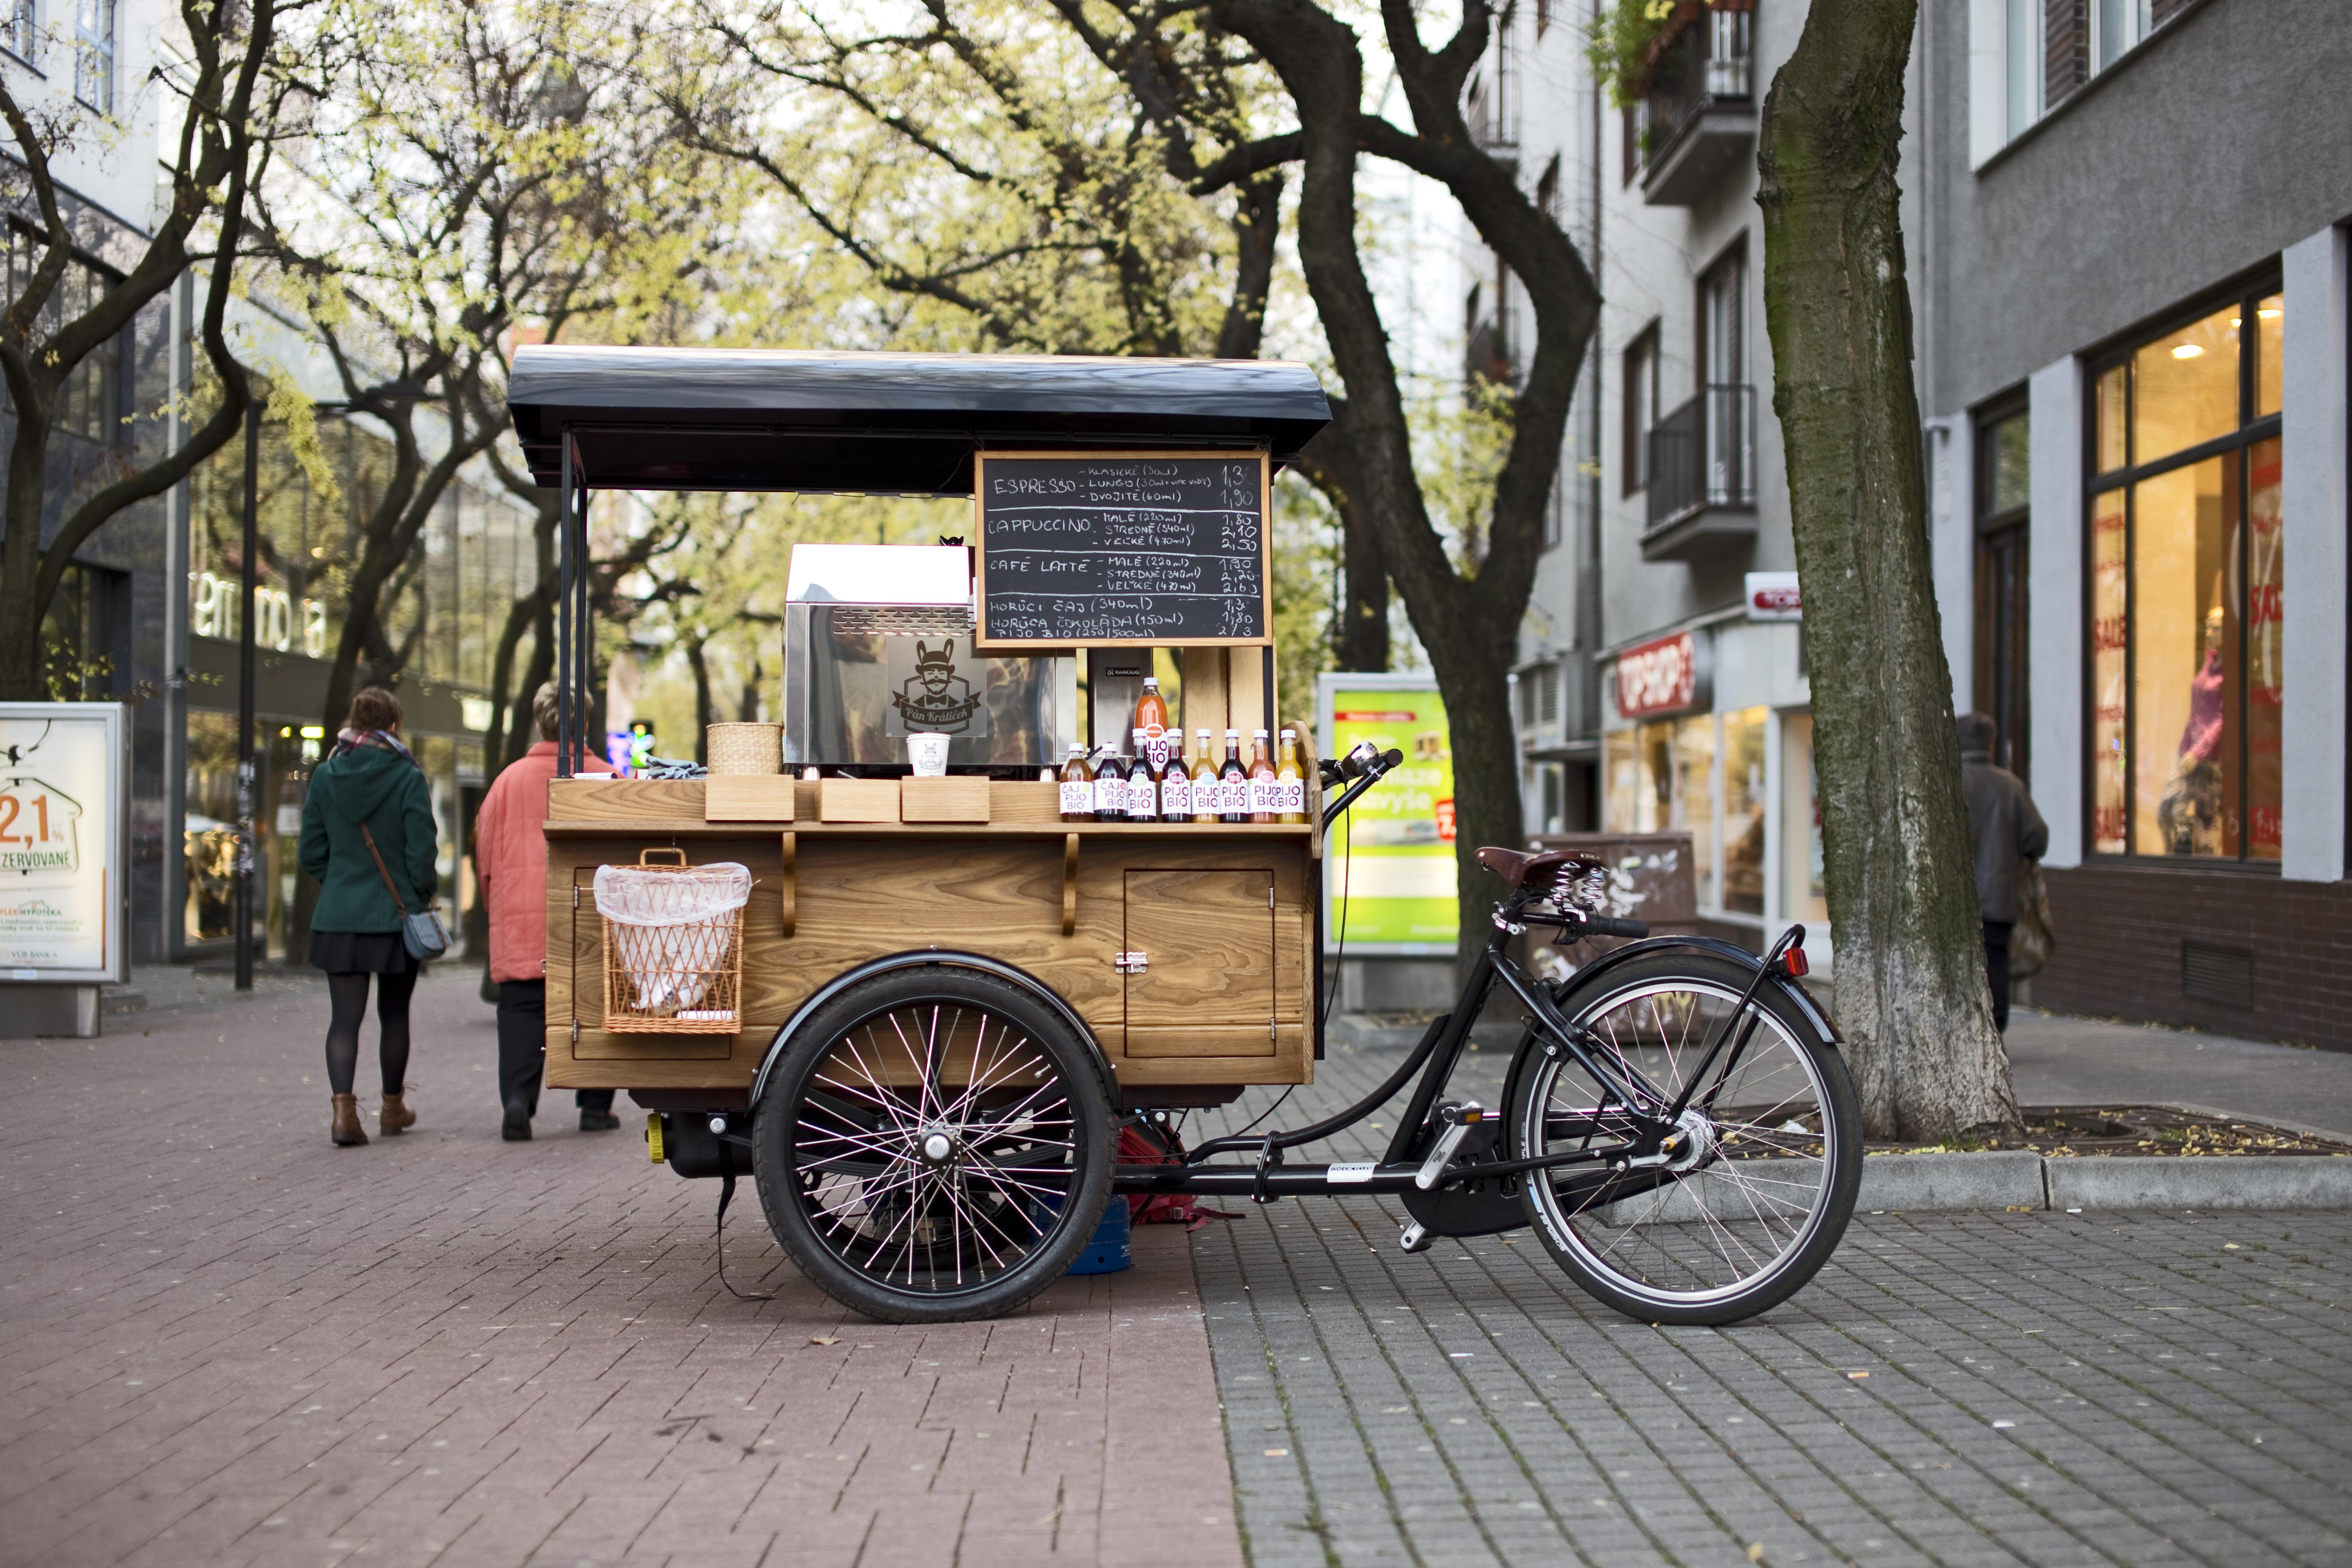 Pán Králiček je prvá pojazdná kaviareň v Bratislave. Má bicyklovú trojkolku s voňavým mahagónovým boxom a na ňom kávovar nielen pre parádu. Profesionálny prístup k príprave ako aj vlastná čerstvo pražená káva zabezpečia jedinečnú skúsenosť pre každého.